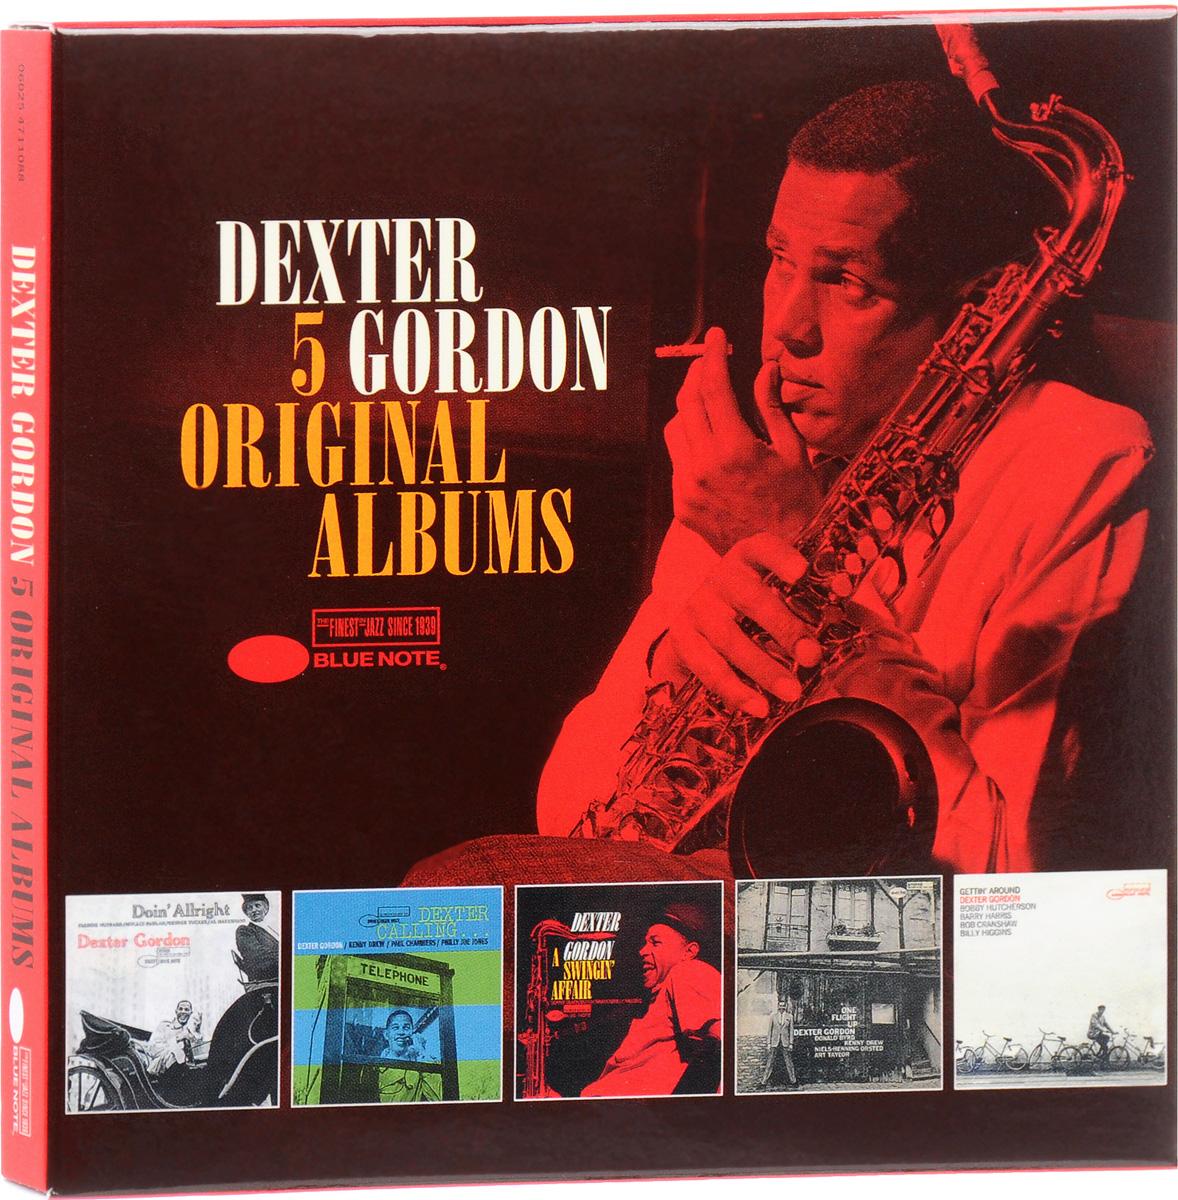 лучшая цена Декстер Гордон,Кенни Дрю,Пол Чемберс,Филли Джо Джонс Dexter Gordon. 5 Original Albums (5 CD)